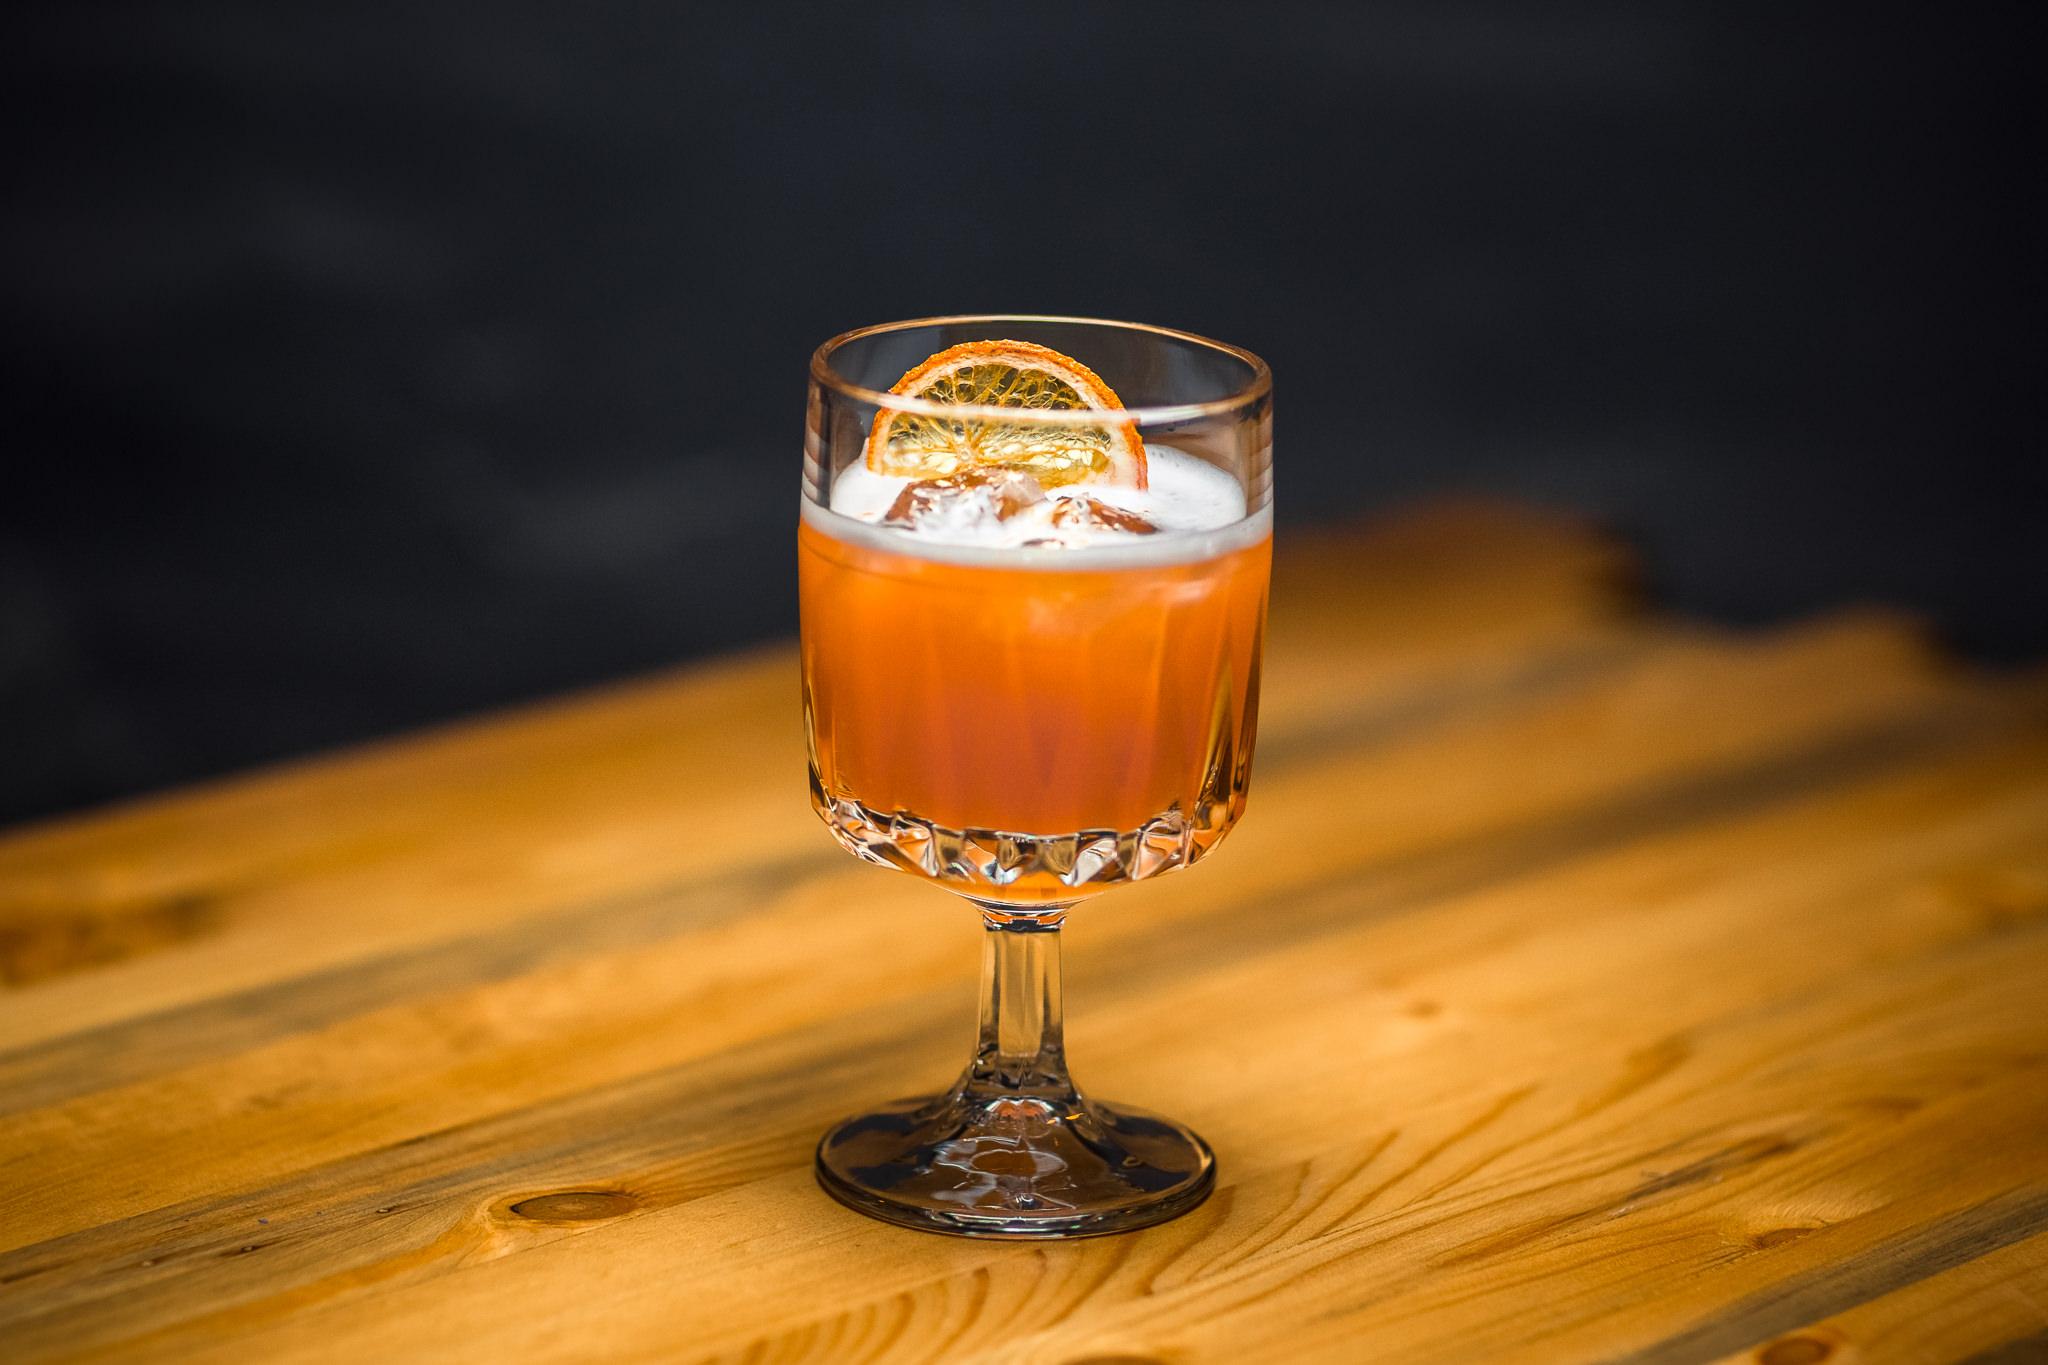 Indian Summer - коктейль на основе Джина, Апероля, морковного кордиала, манго альфонсо, лимона, easy foam